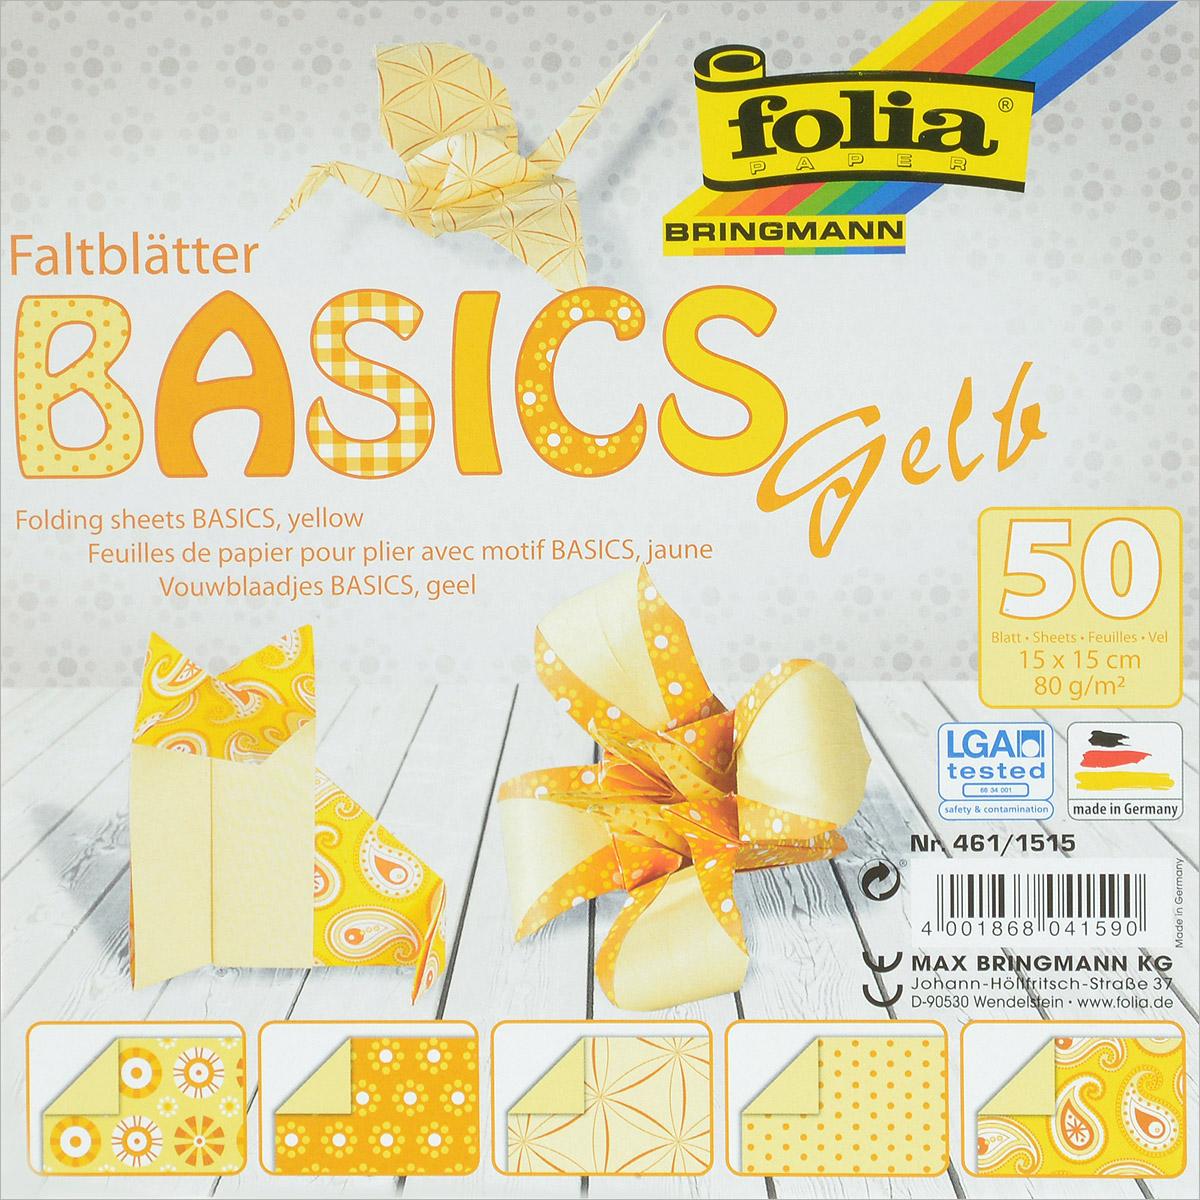 Бумага для оригами Folia, цвет: желтый, 15 х 15 см, 50 листовC0042416Набор специальной цветной двусторонней бумаги для оригами Folia содержит 50 листов разных цветов, которые помогут вам и вашему ребенку сделать яркие и разнообразные фигурки. В набор входит бумага пяти разных дизайнов. С одной стороны - бумага однотонная, с другой - оформлена оригинальными узорами и орнаментами. Эти листы можно использовать для оригами, украшения для садового подсвечника или для создания новогодних звезд. При многоразовом сгибании листа на бумаге не появляются трещины, так как она обладает очень высоким качеством. Бумага хорошо комбинируется с цветным картоном.За свою многовековую историю оригами прошло путь от храмовых обрядов до искусства, дарящего радость и красоту миллионам людей во всем мире. Складывание и художественное оформление фигурок оригами интересно заполнят свободное время, доставят огромное удовольствие, радость и взрослым и детям. Увлекательные занятия оригами развивают мелкую моторику рук, воображение, мышление, воспитывают волевые качества и совершенствуют художественный вкус ребенка.Плотность бумаги: 80 г/м2.Размер листа: 15 см х 15 см.